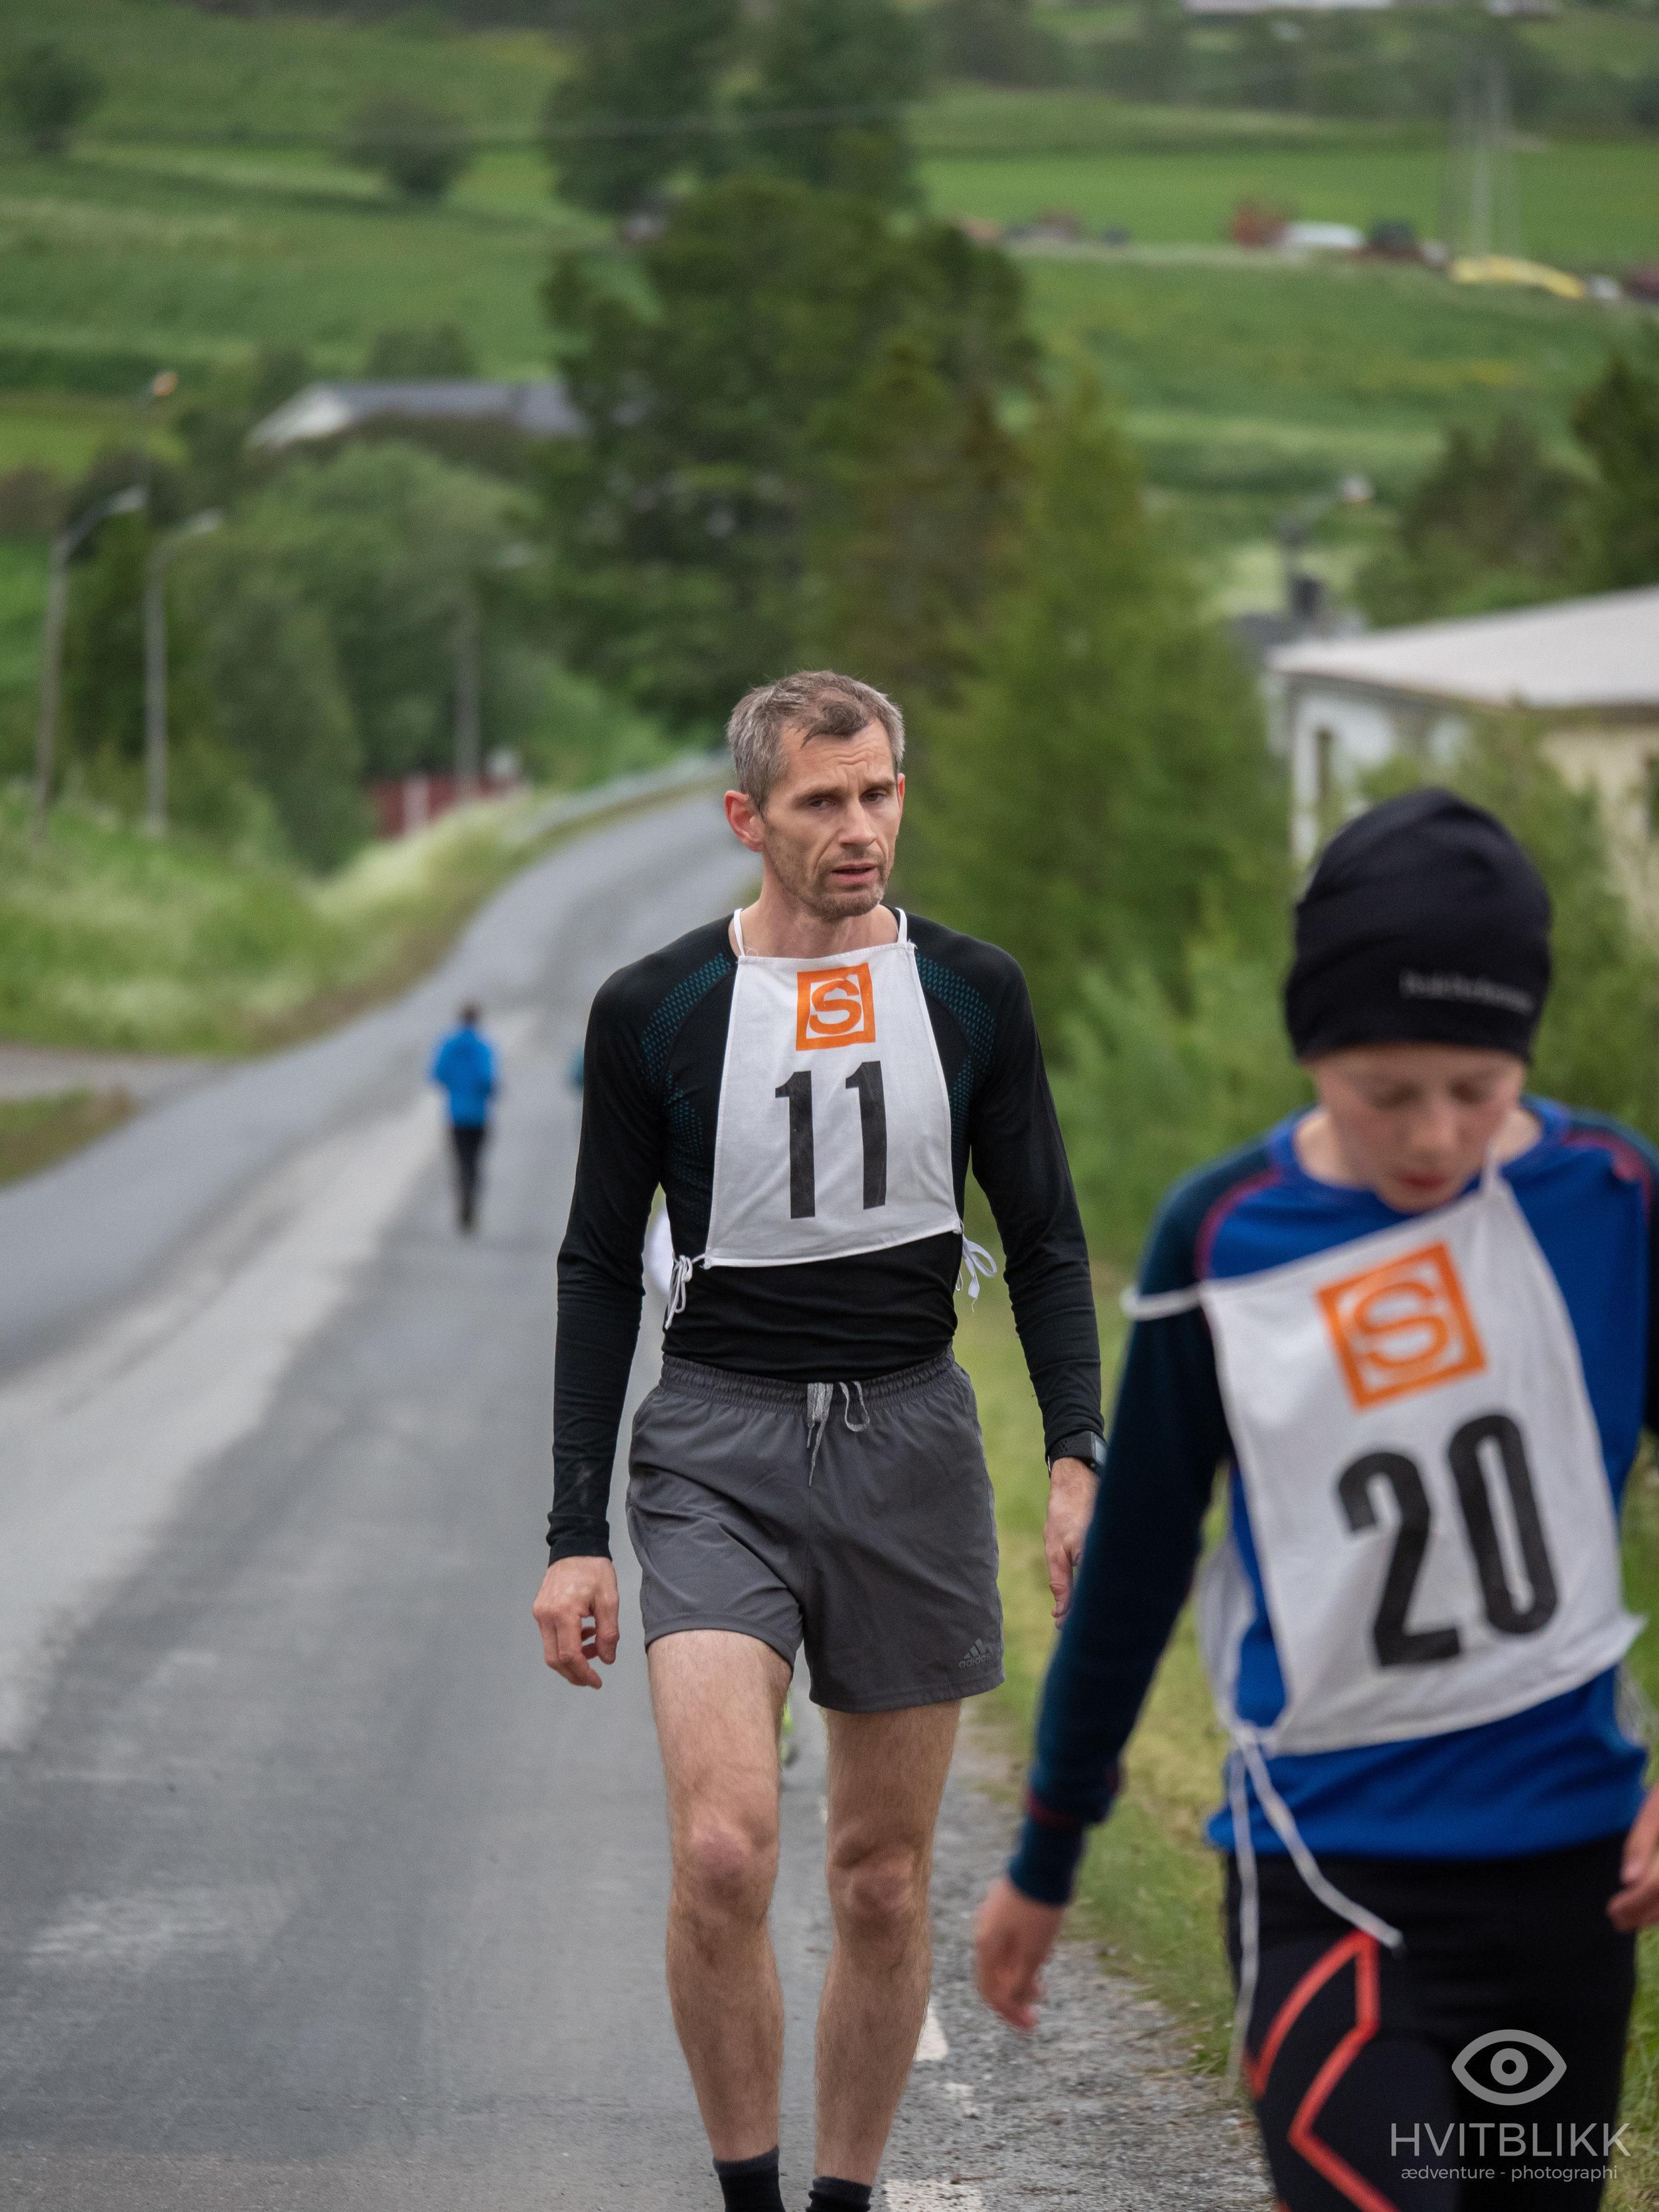 Ellingjord-Hvitblikk_20190621NOR3437.jpg